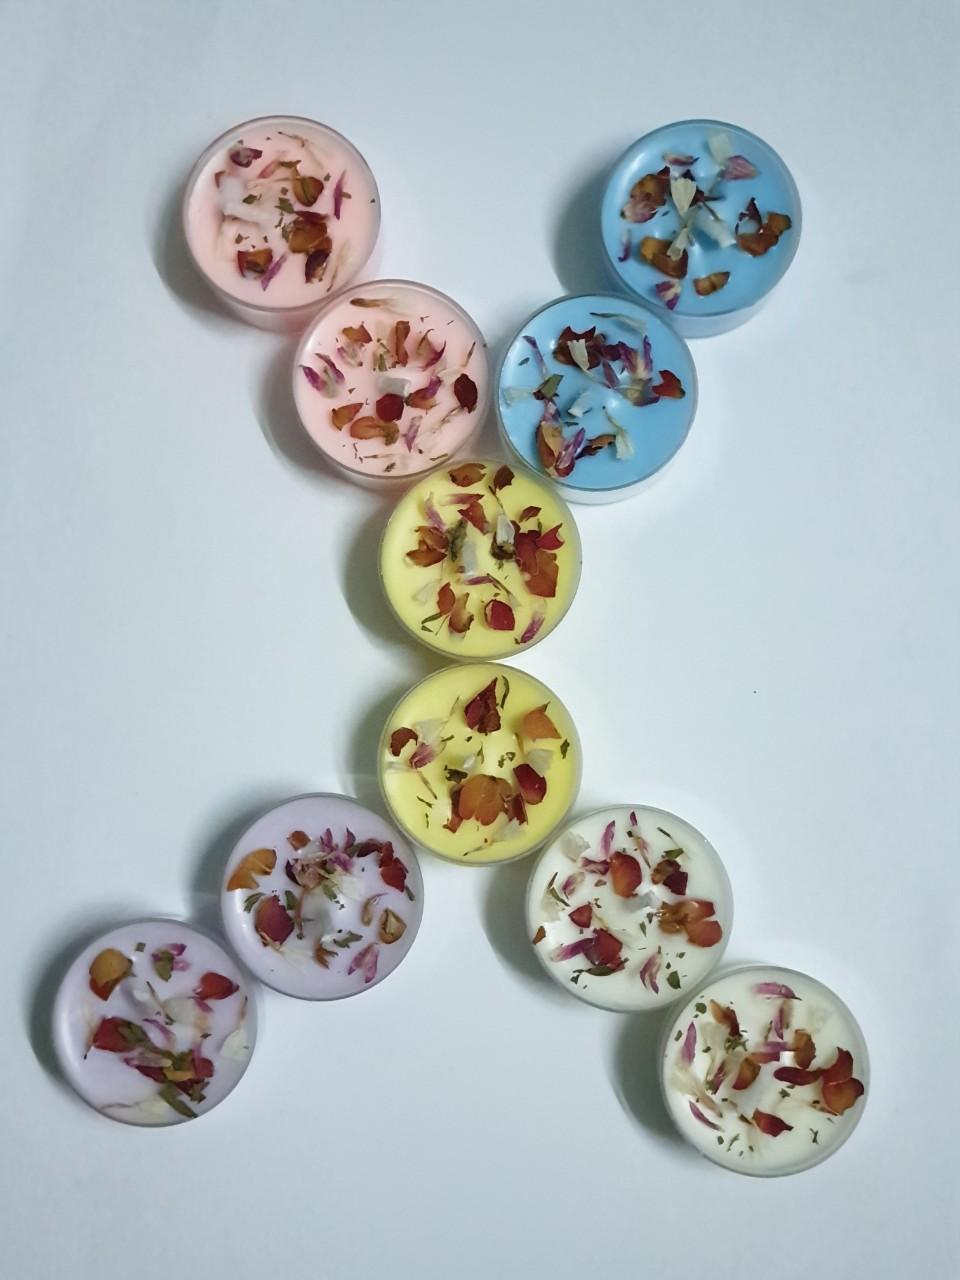 Nến tealight hoa Hộp 10 viên làm từ sáp ong và sáp cọ (không có tinh dầu)/ Tealight Candles handmade